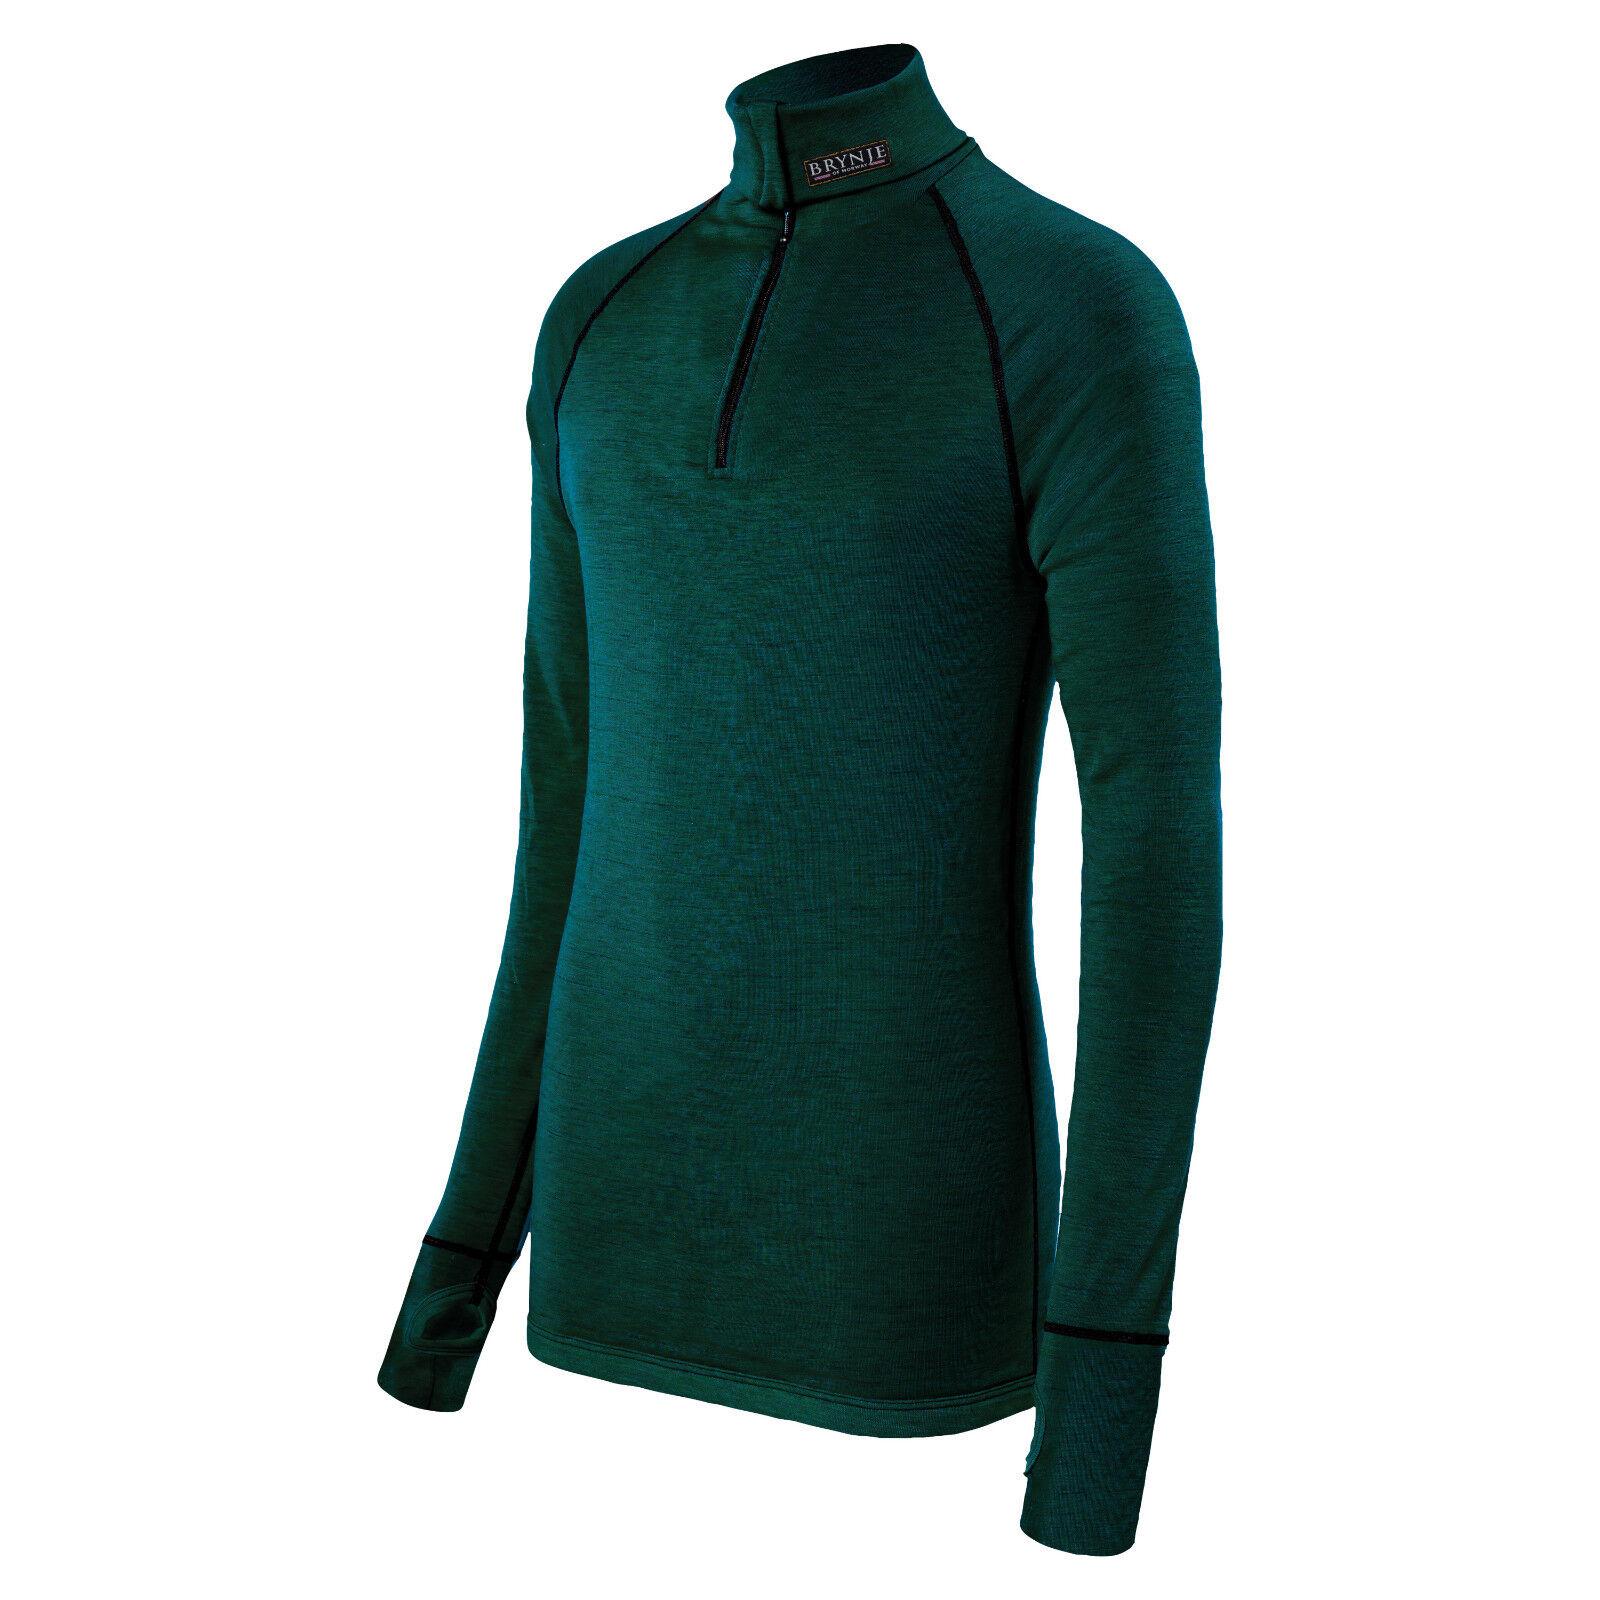 Brynje Zip-Poloshirt Shirt Arctic Unterwäsche Unterhemd wärmeisolierend oliv